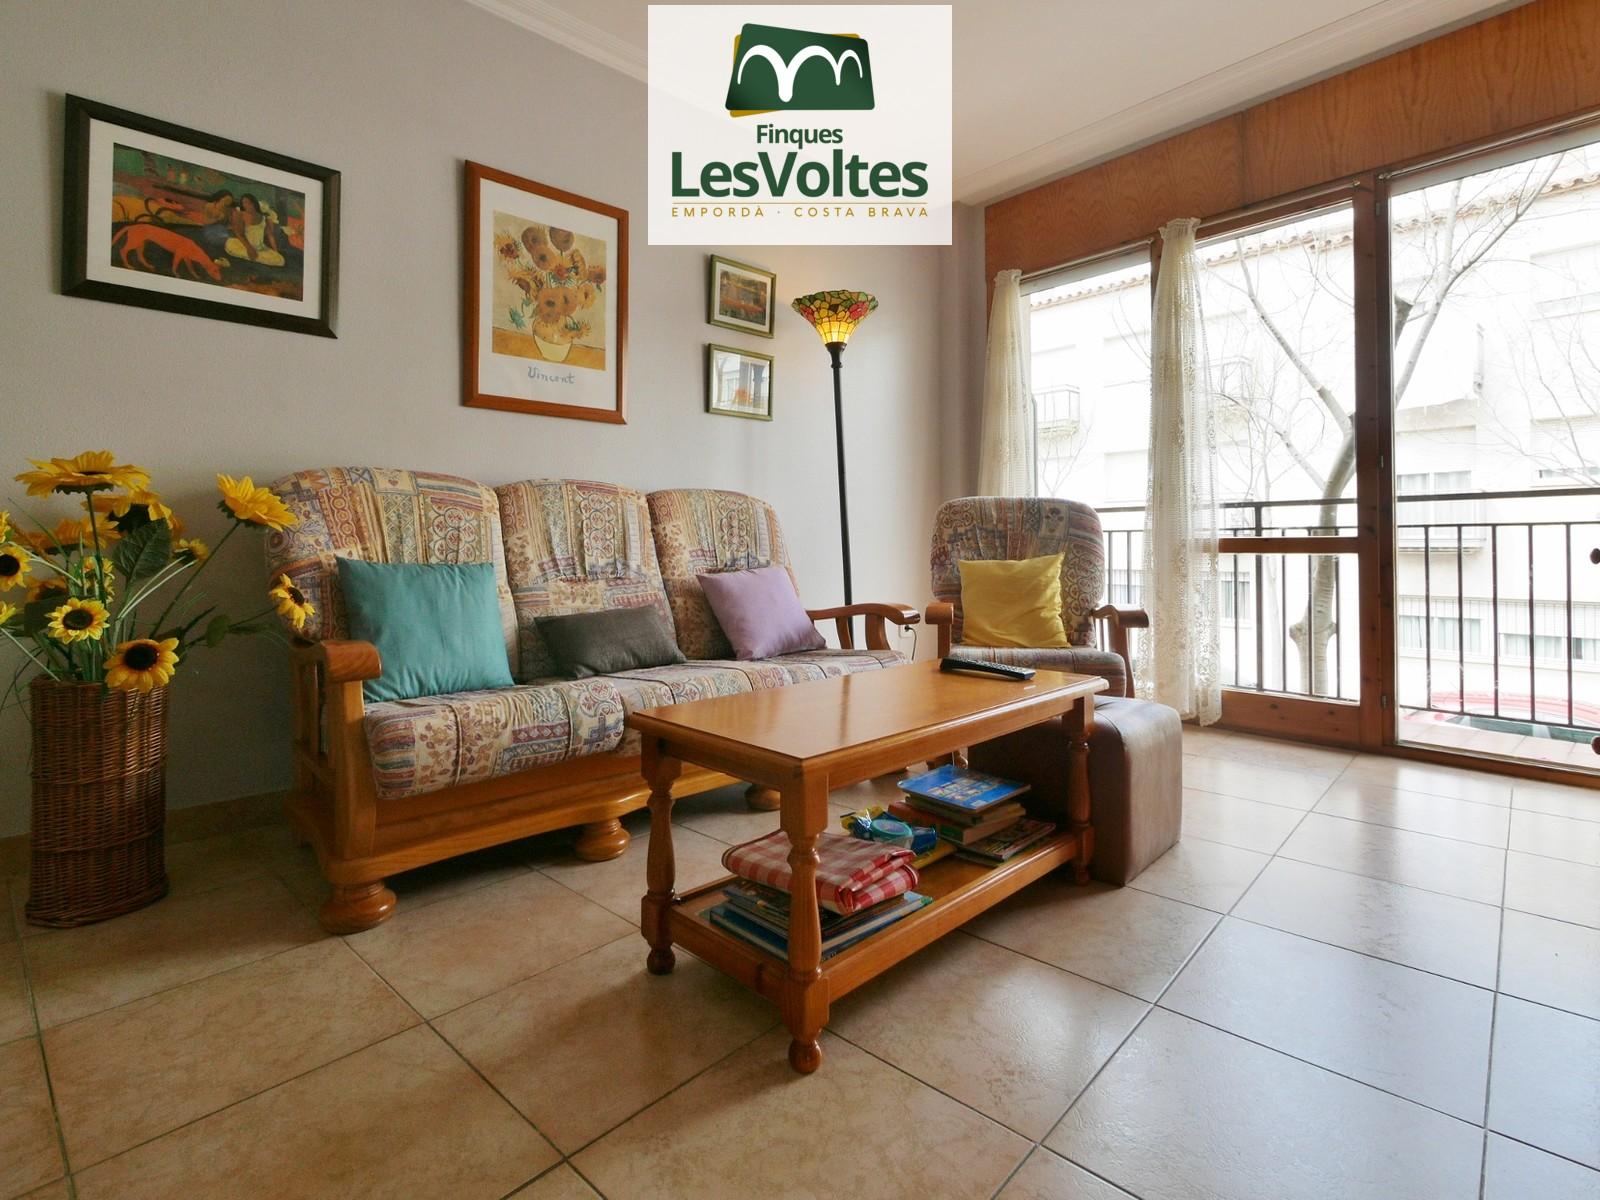 Piso de 2 habitaciones con balcón y buena distribución en venta en Palafrugell. Zona con todos los servicios cercana al centr